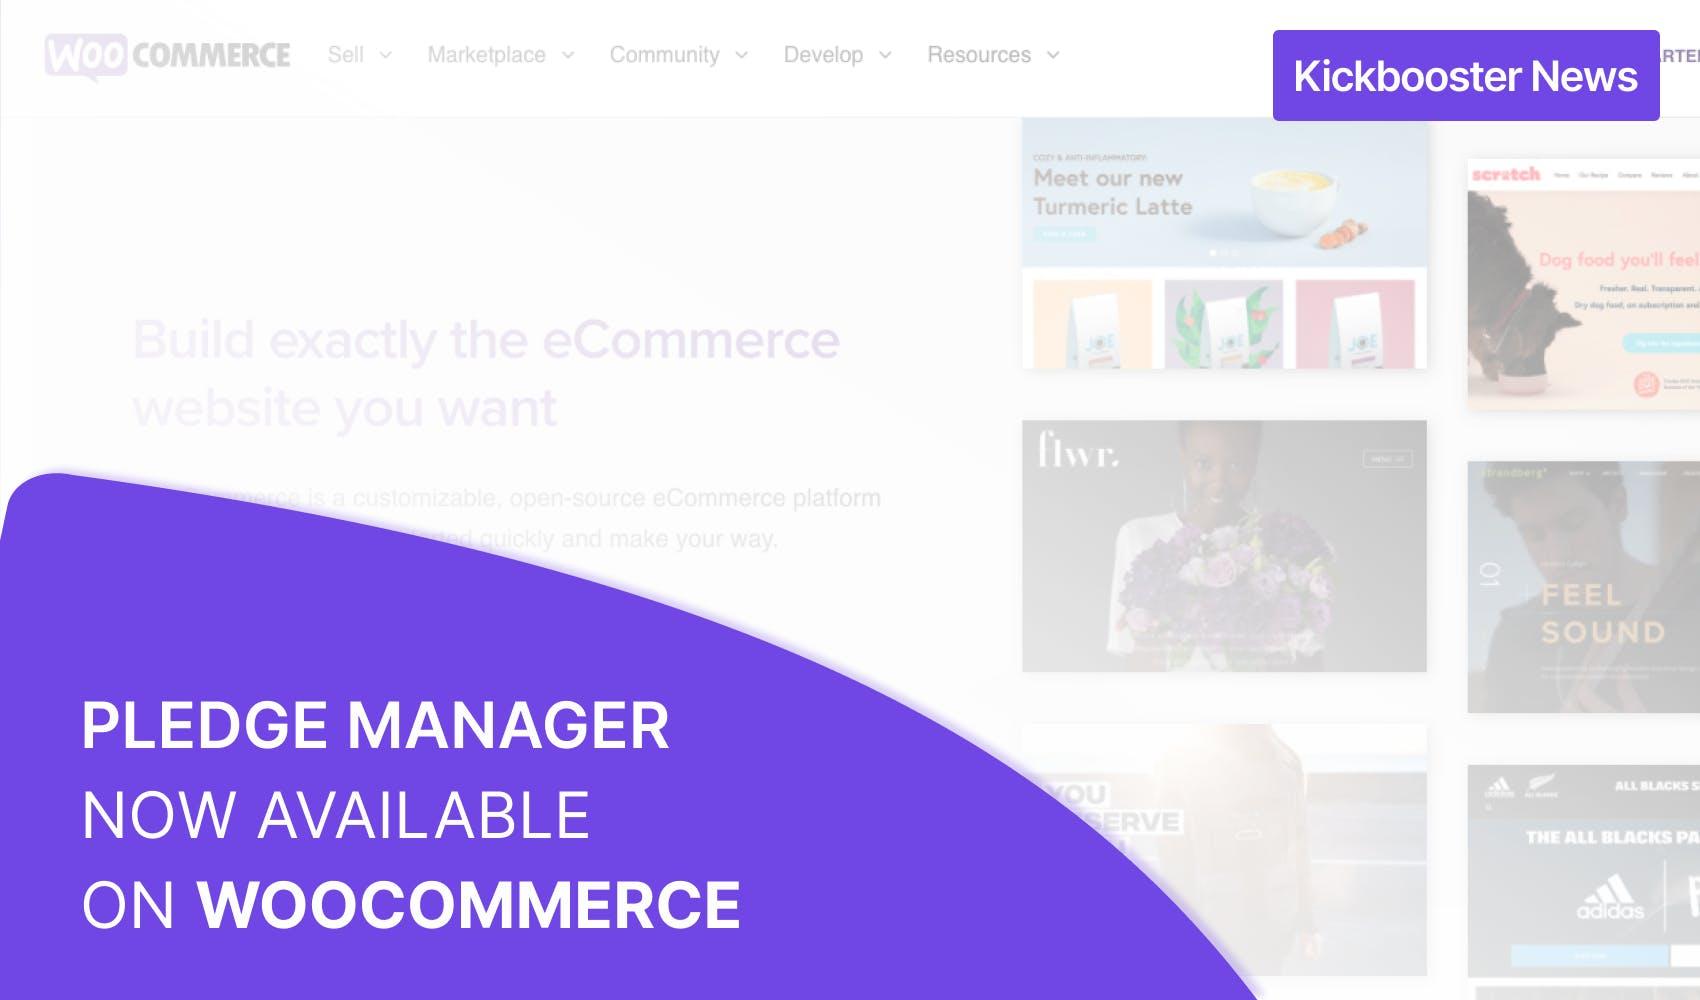 Pledge Manager on WooCommerce